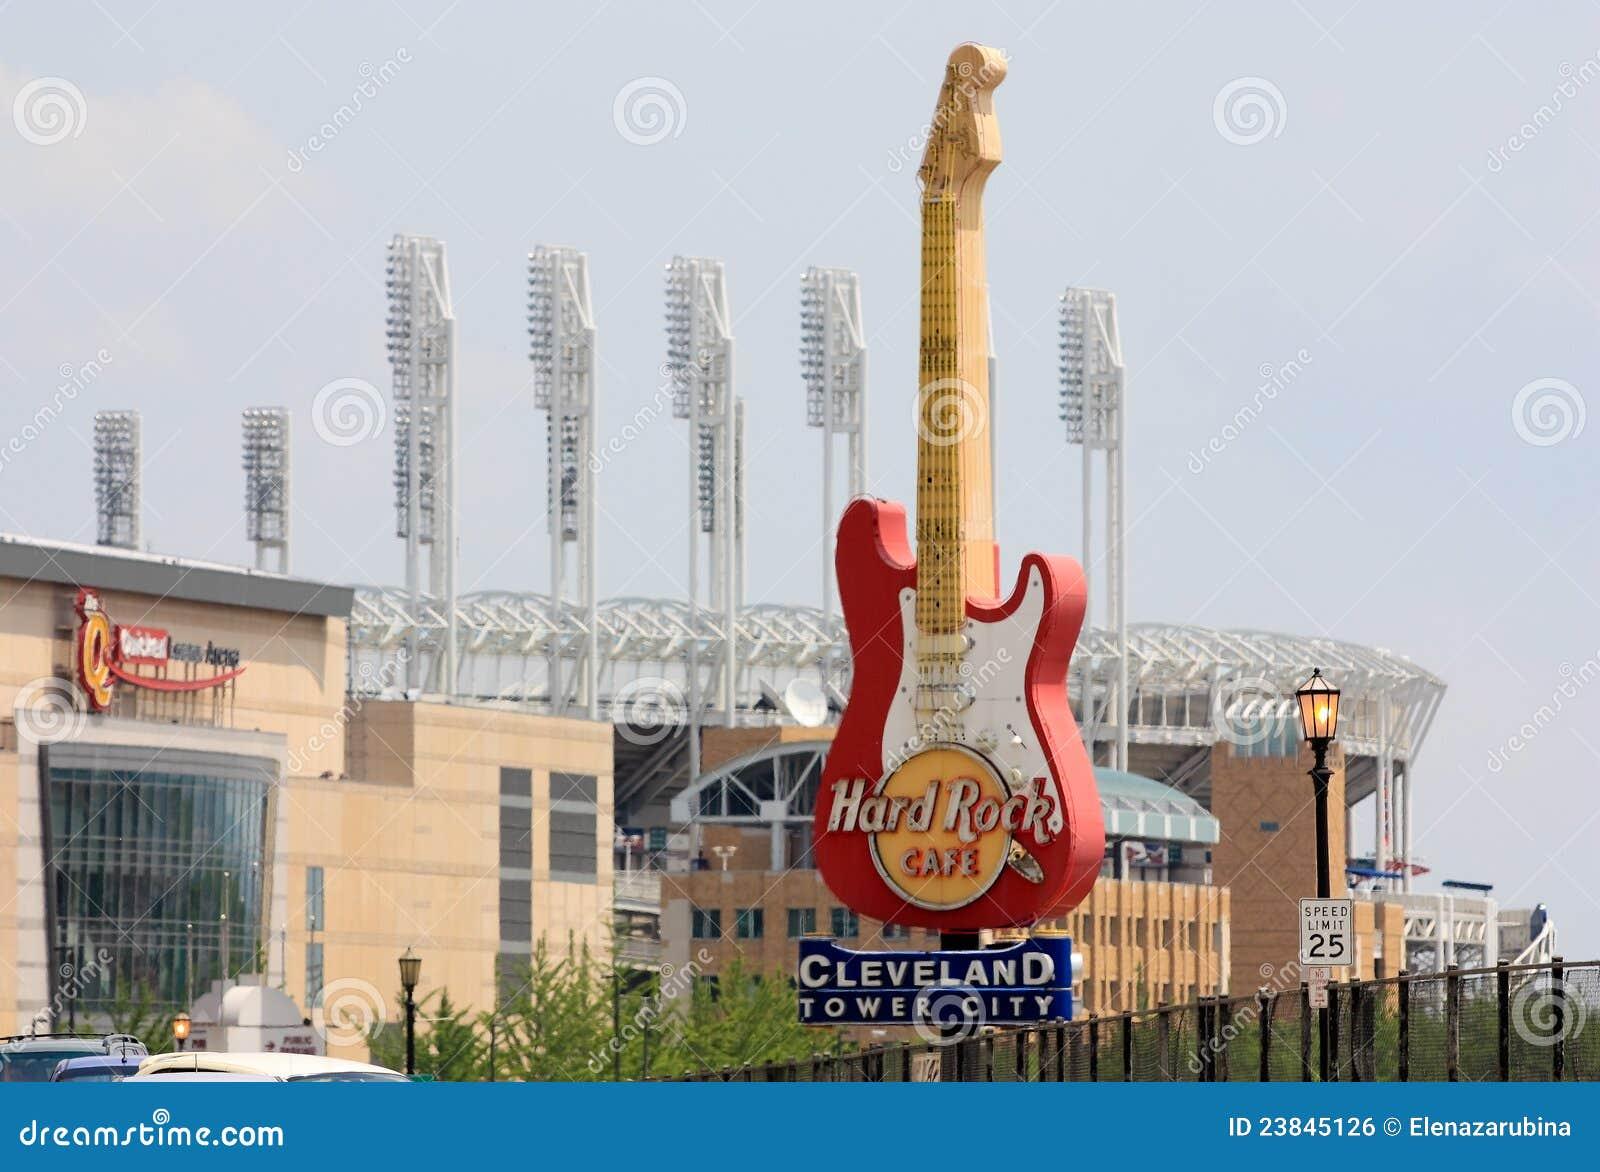 Hard Rock Cafe Cleveland Ohio